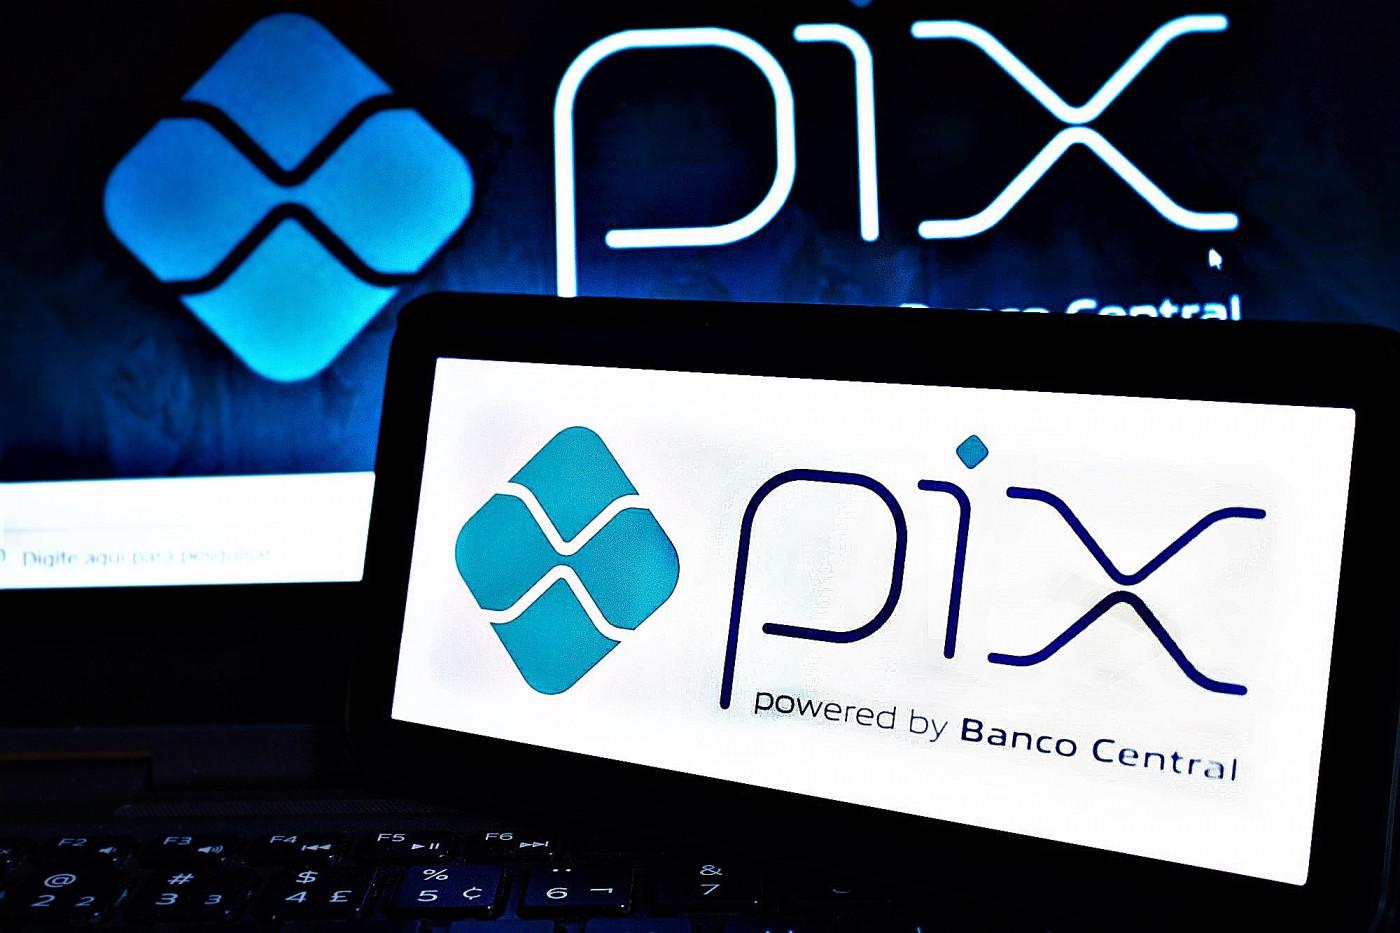 Duas telas com o logotipo do Pix